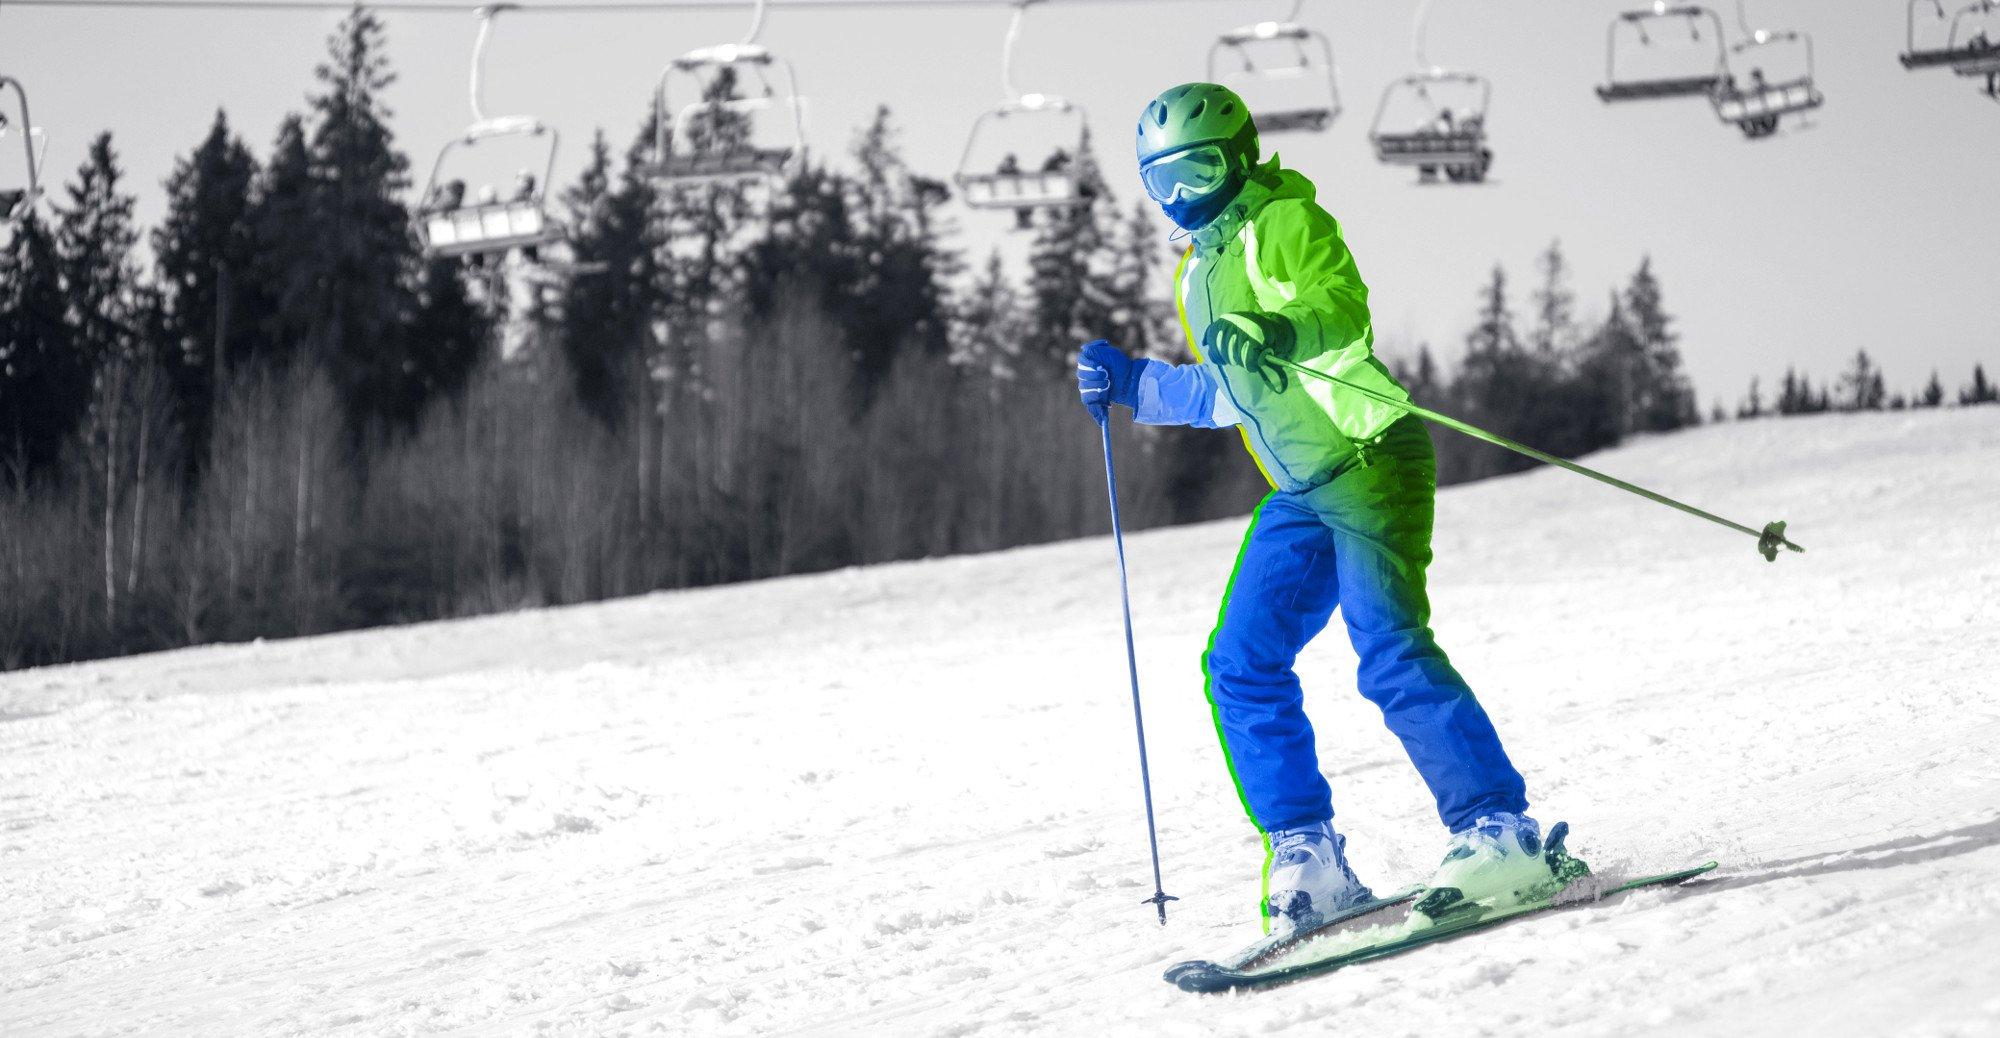 Lutter contre les douleurs, gênes et douleurs liées aux sports d'hiver